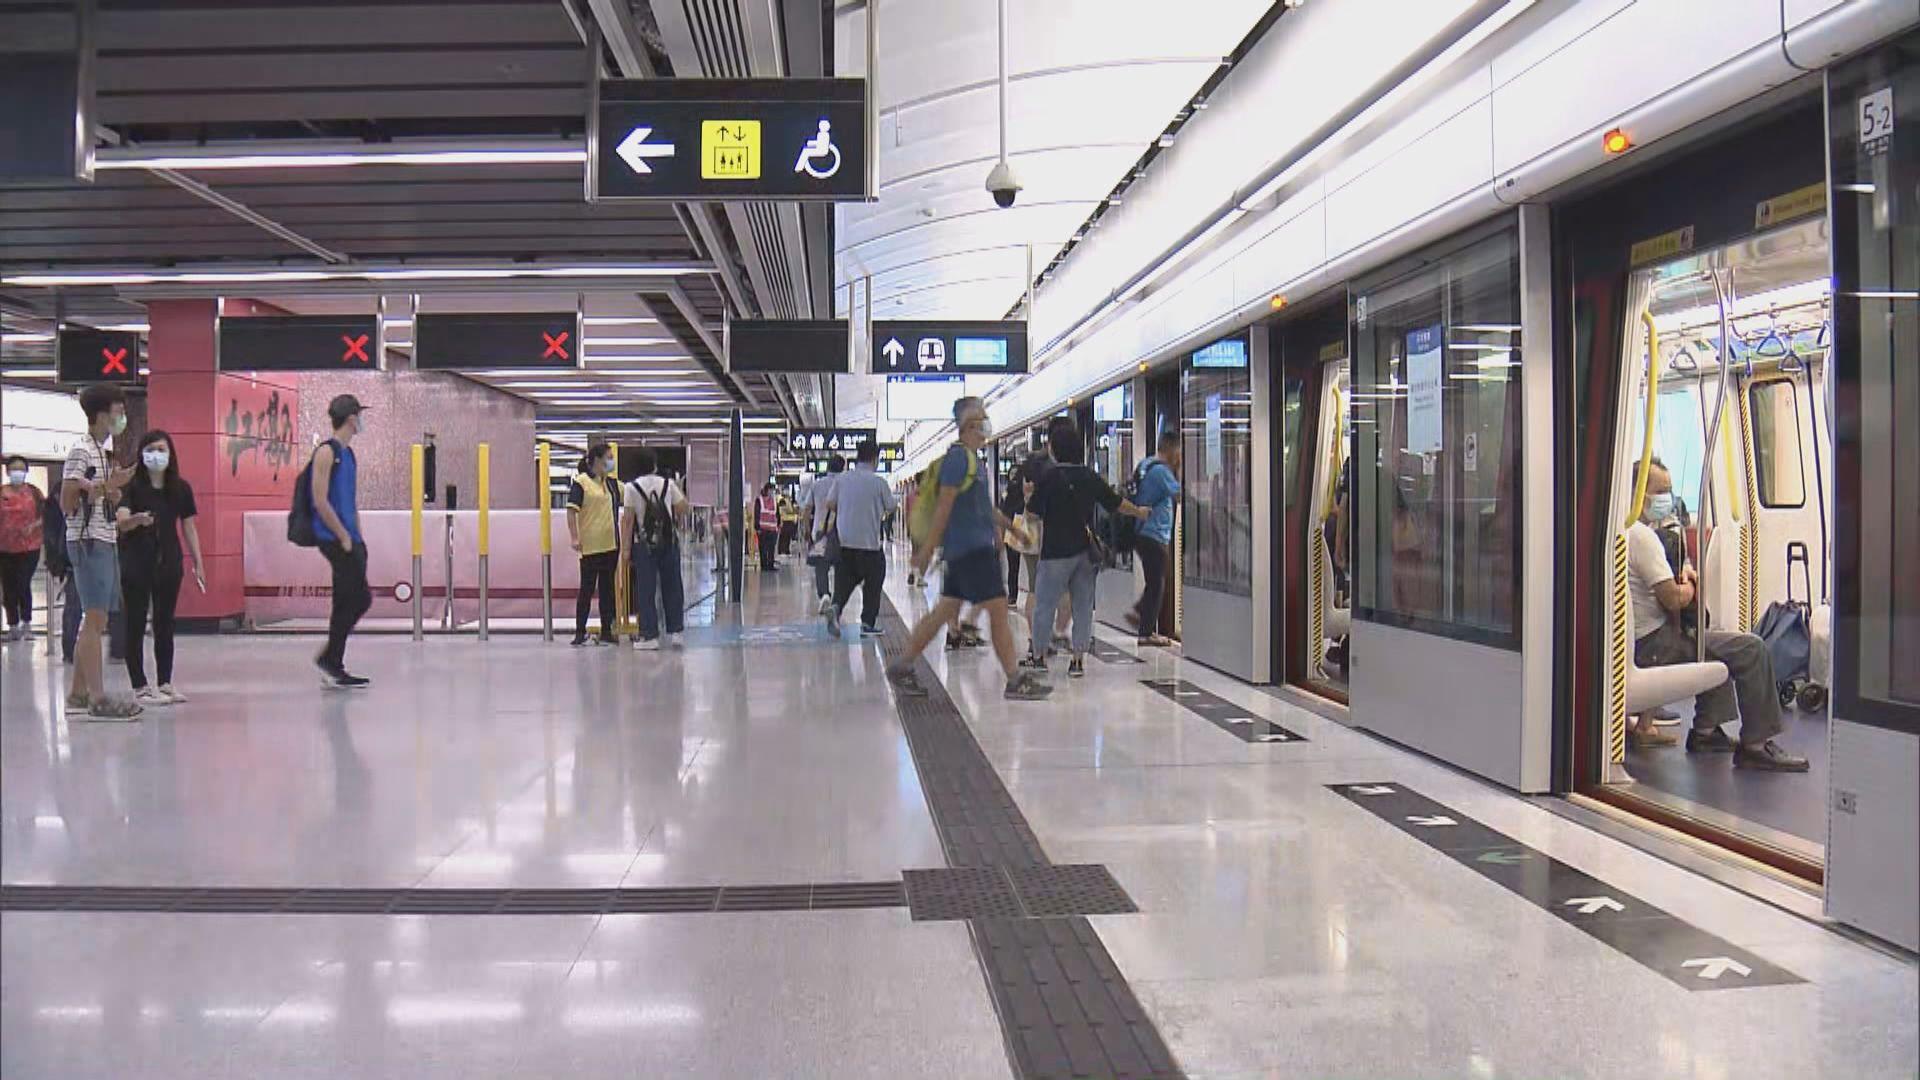 港鐵西鐵綫紅磡站新月台啟用 有乘客認為指示不夠清晰